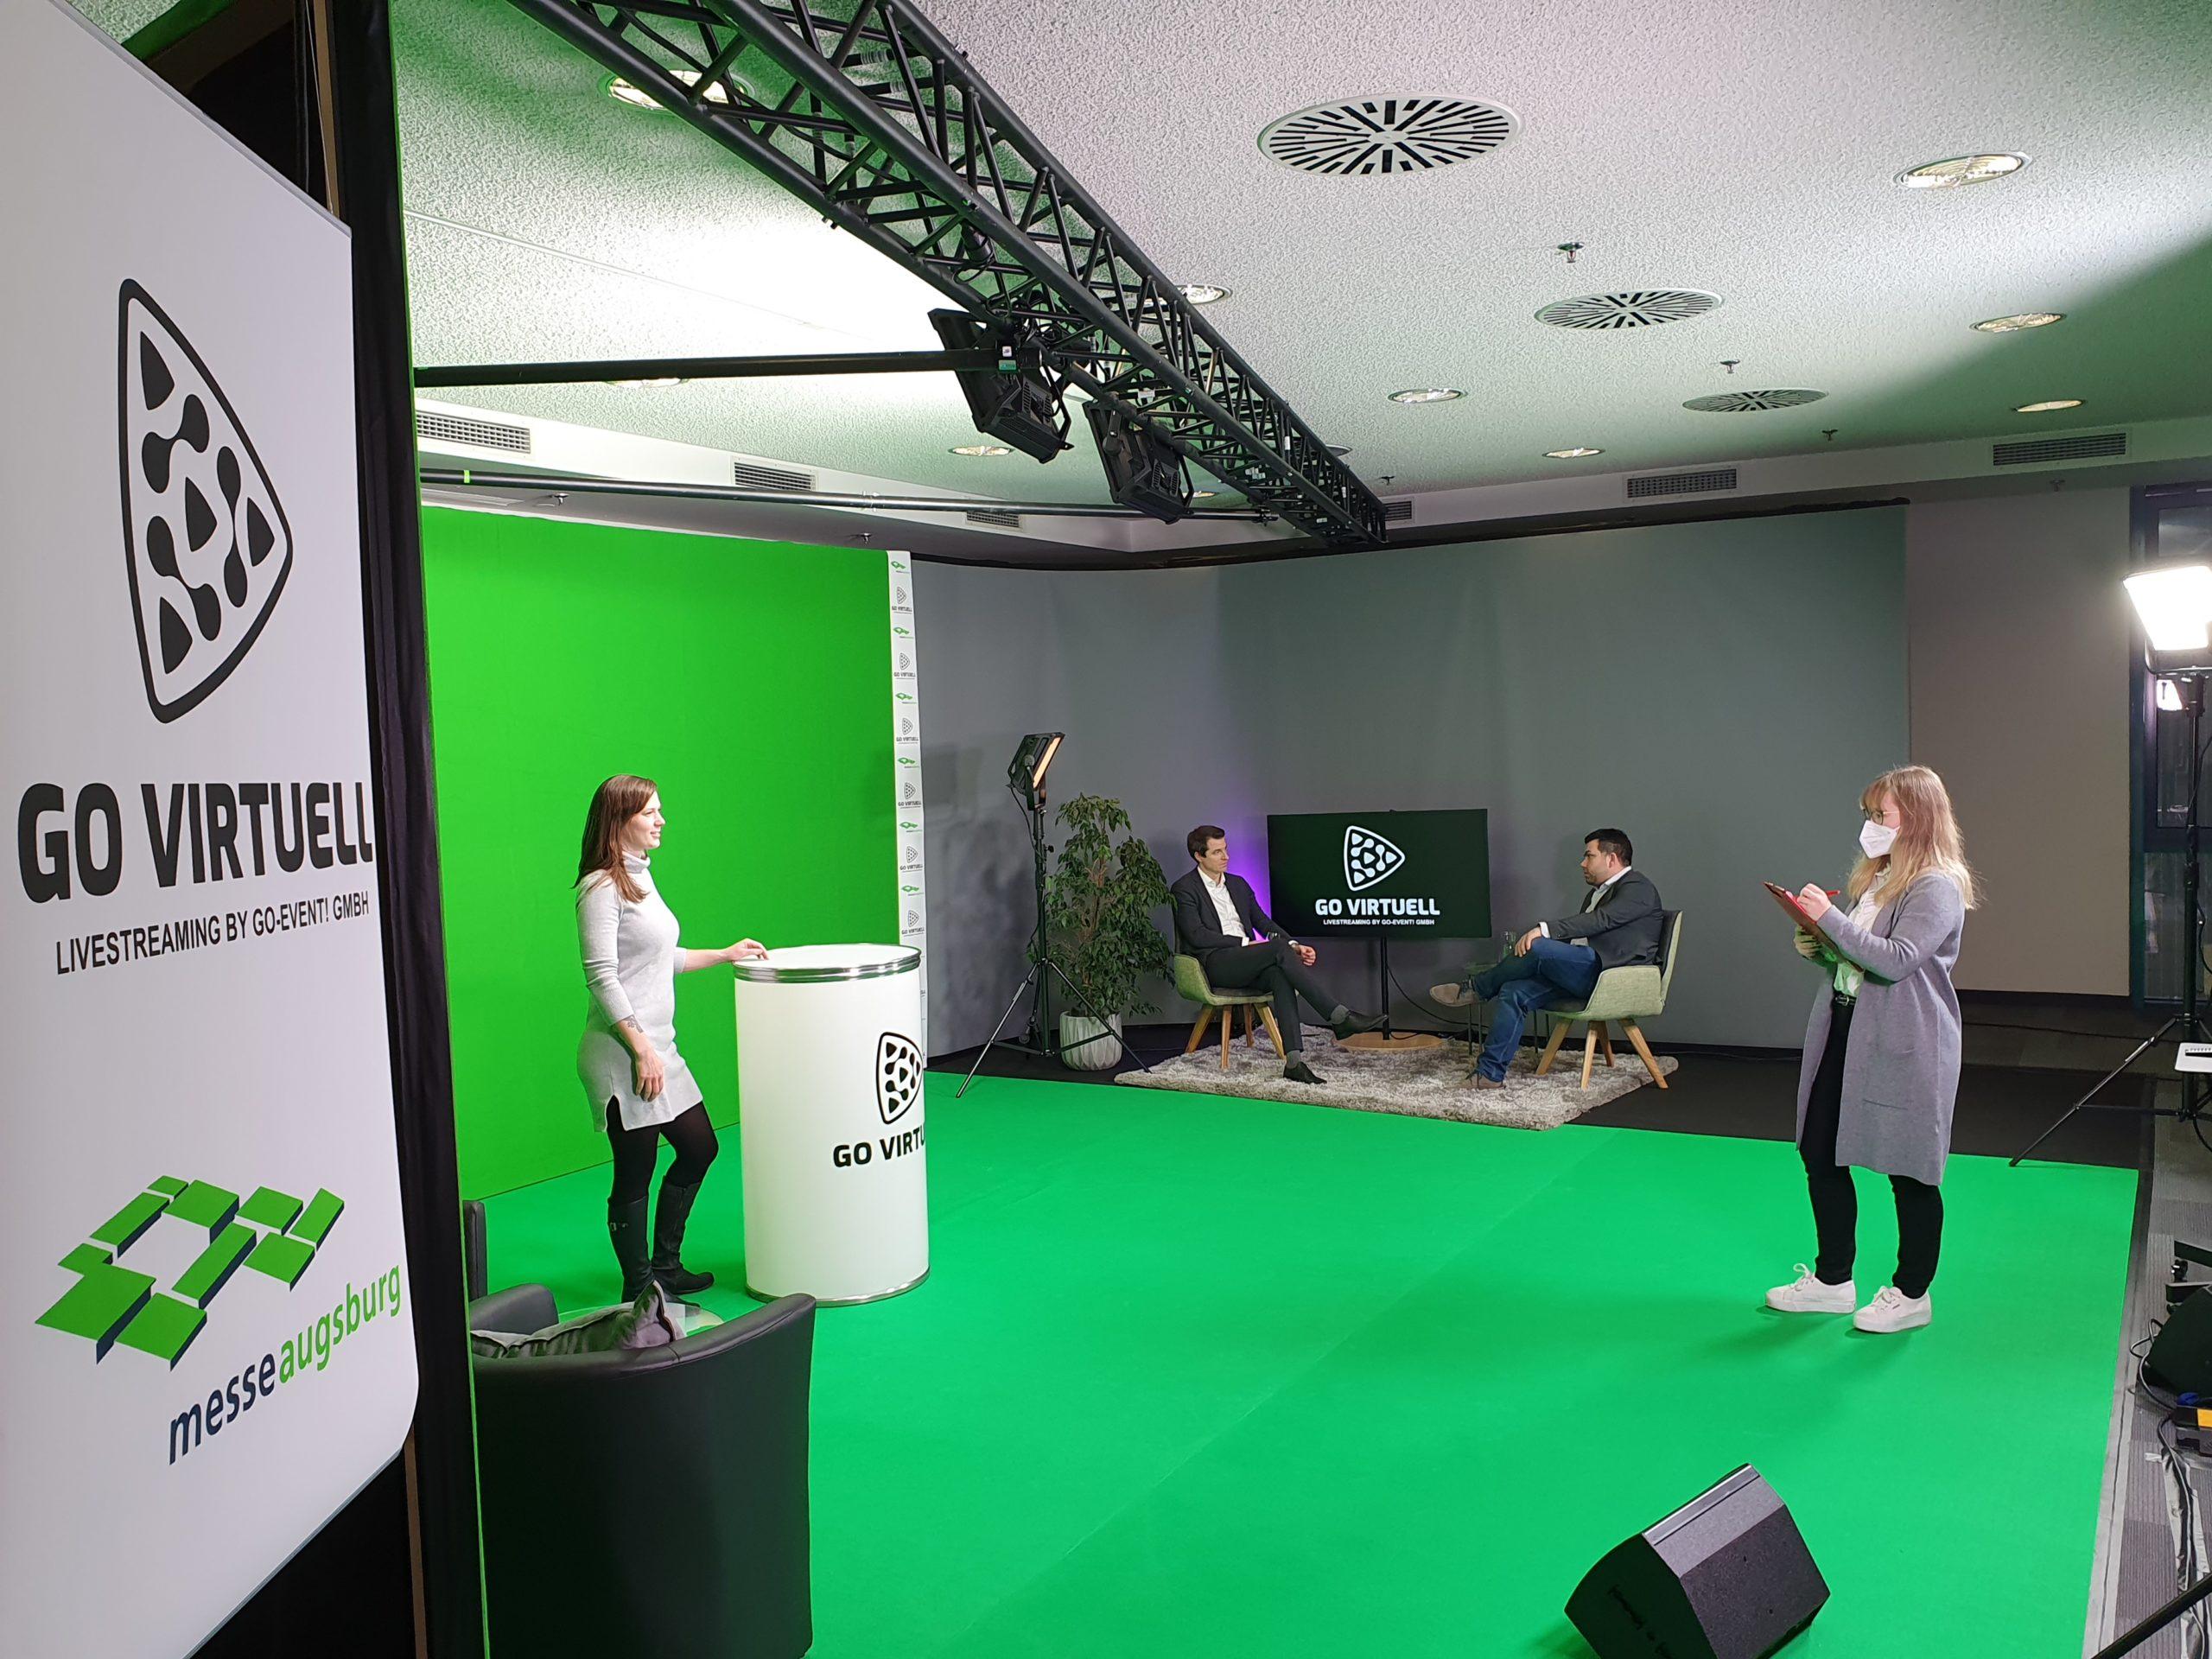 Green Screen Studio (Fotos: Augsburger Schwabenhallen Messe- und Veranstaltungsgesellschaft mbH)